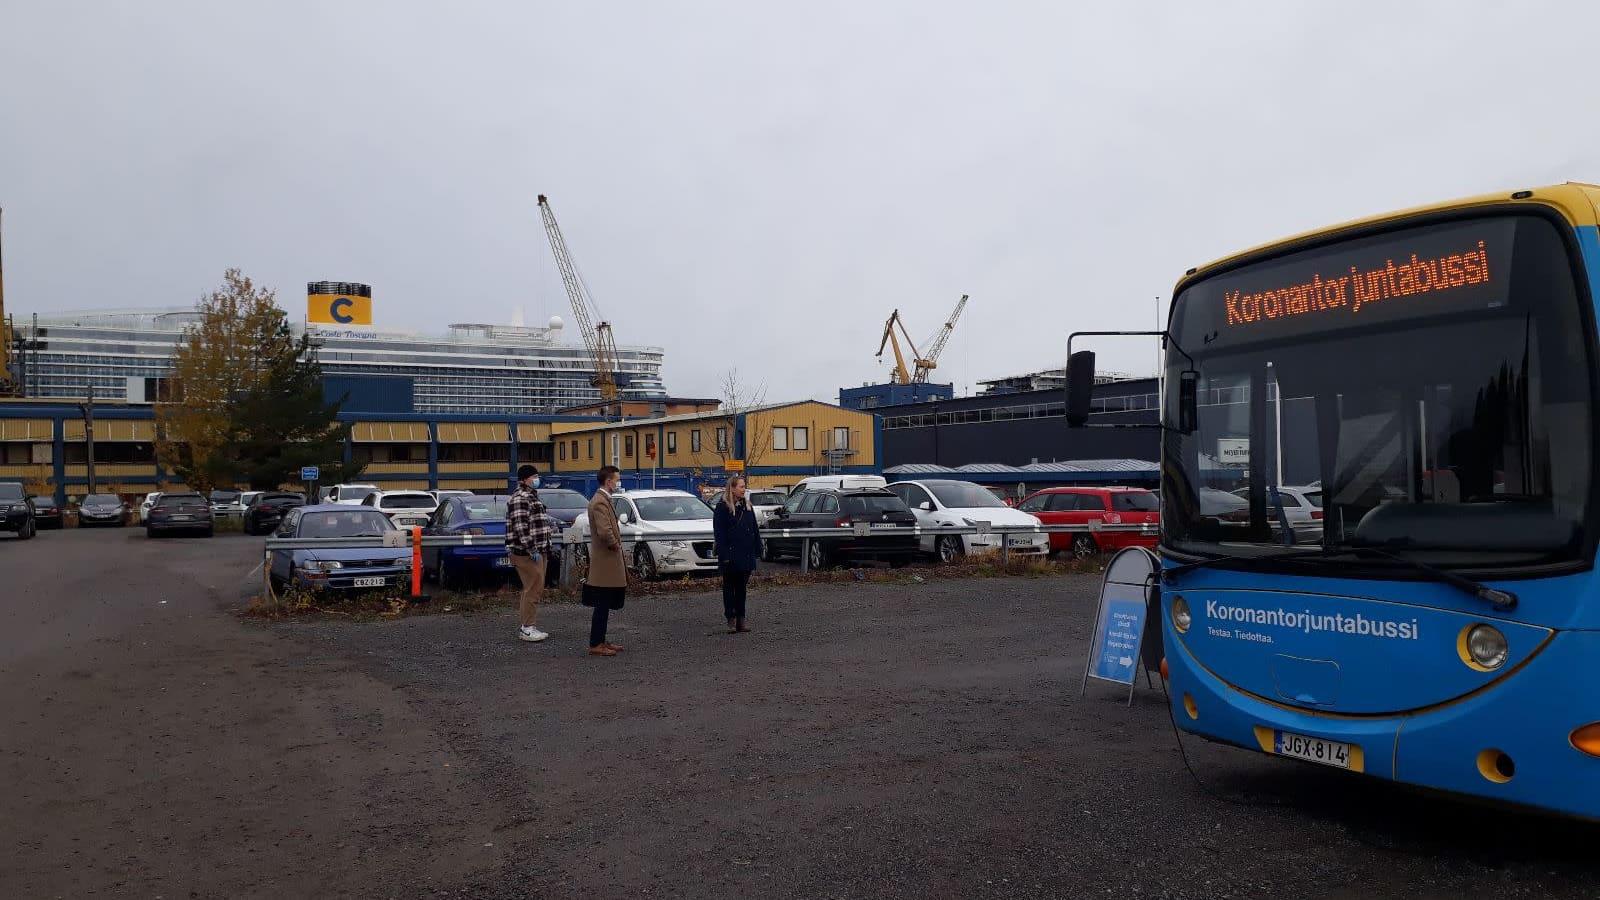 Koronantorjuntabussi Meyer Turun telakan porteilla